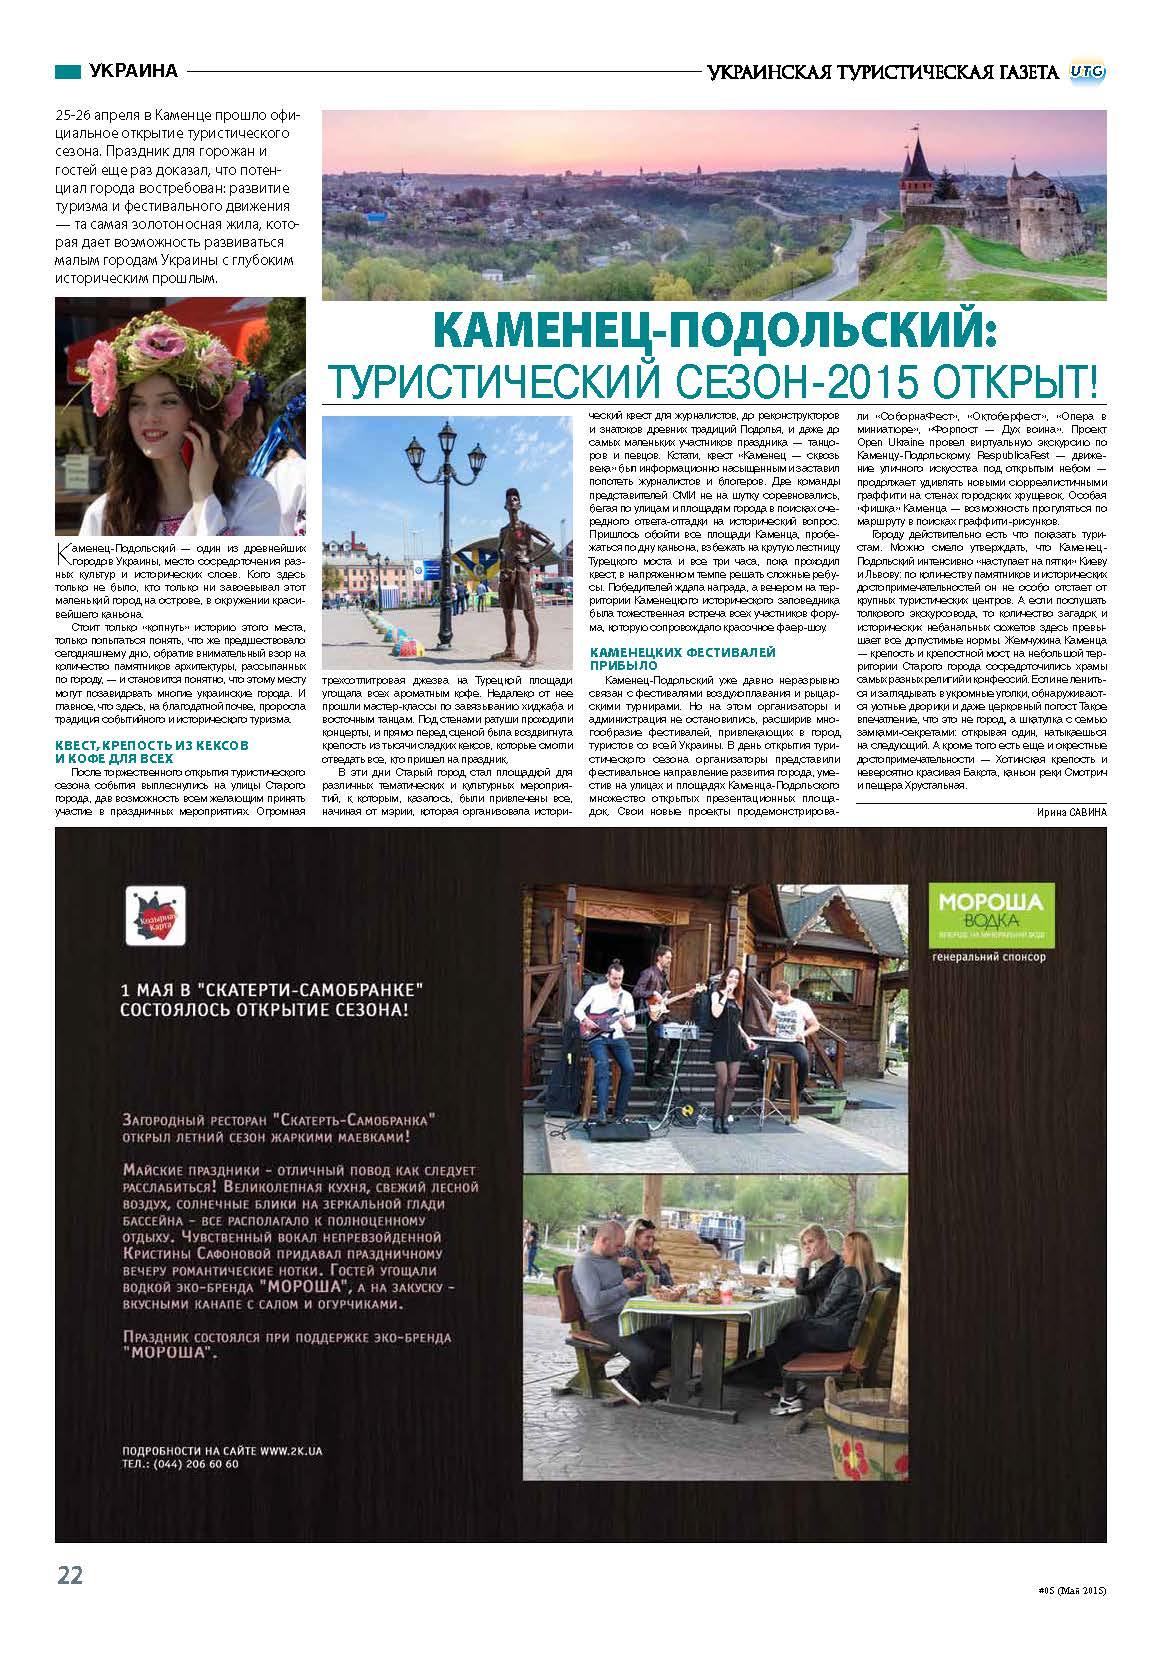 Kamenets-Podolskiy